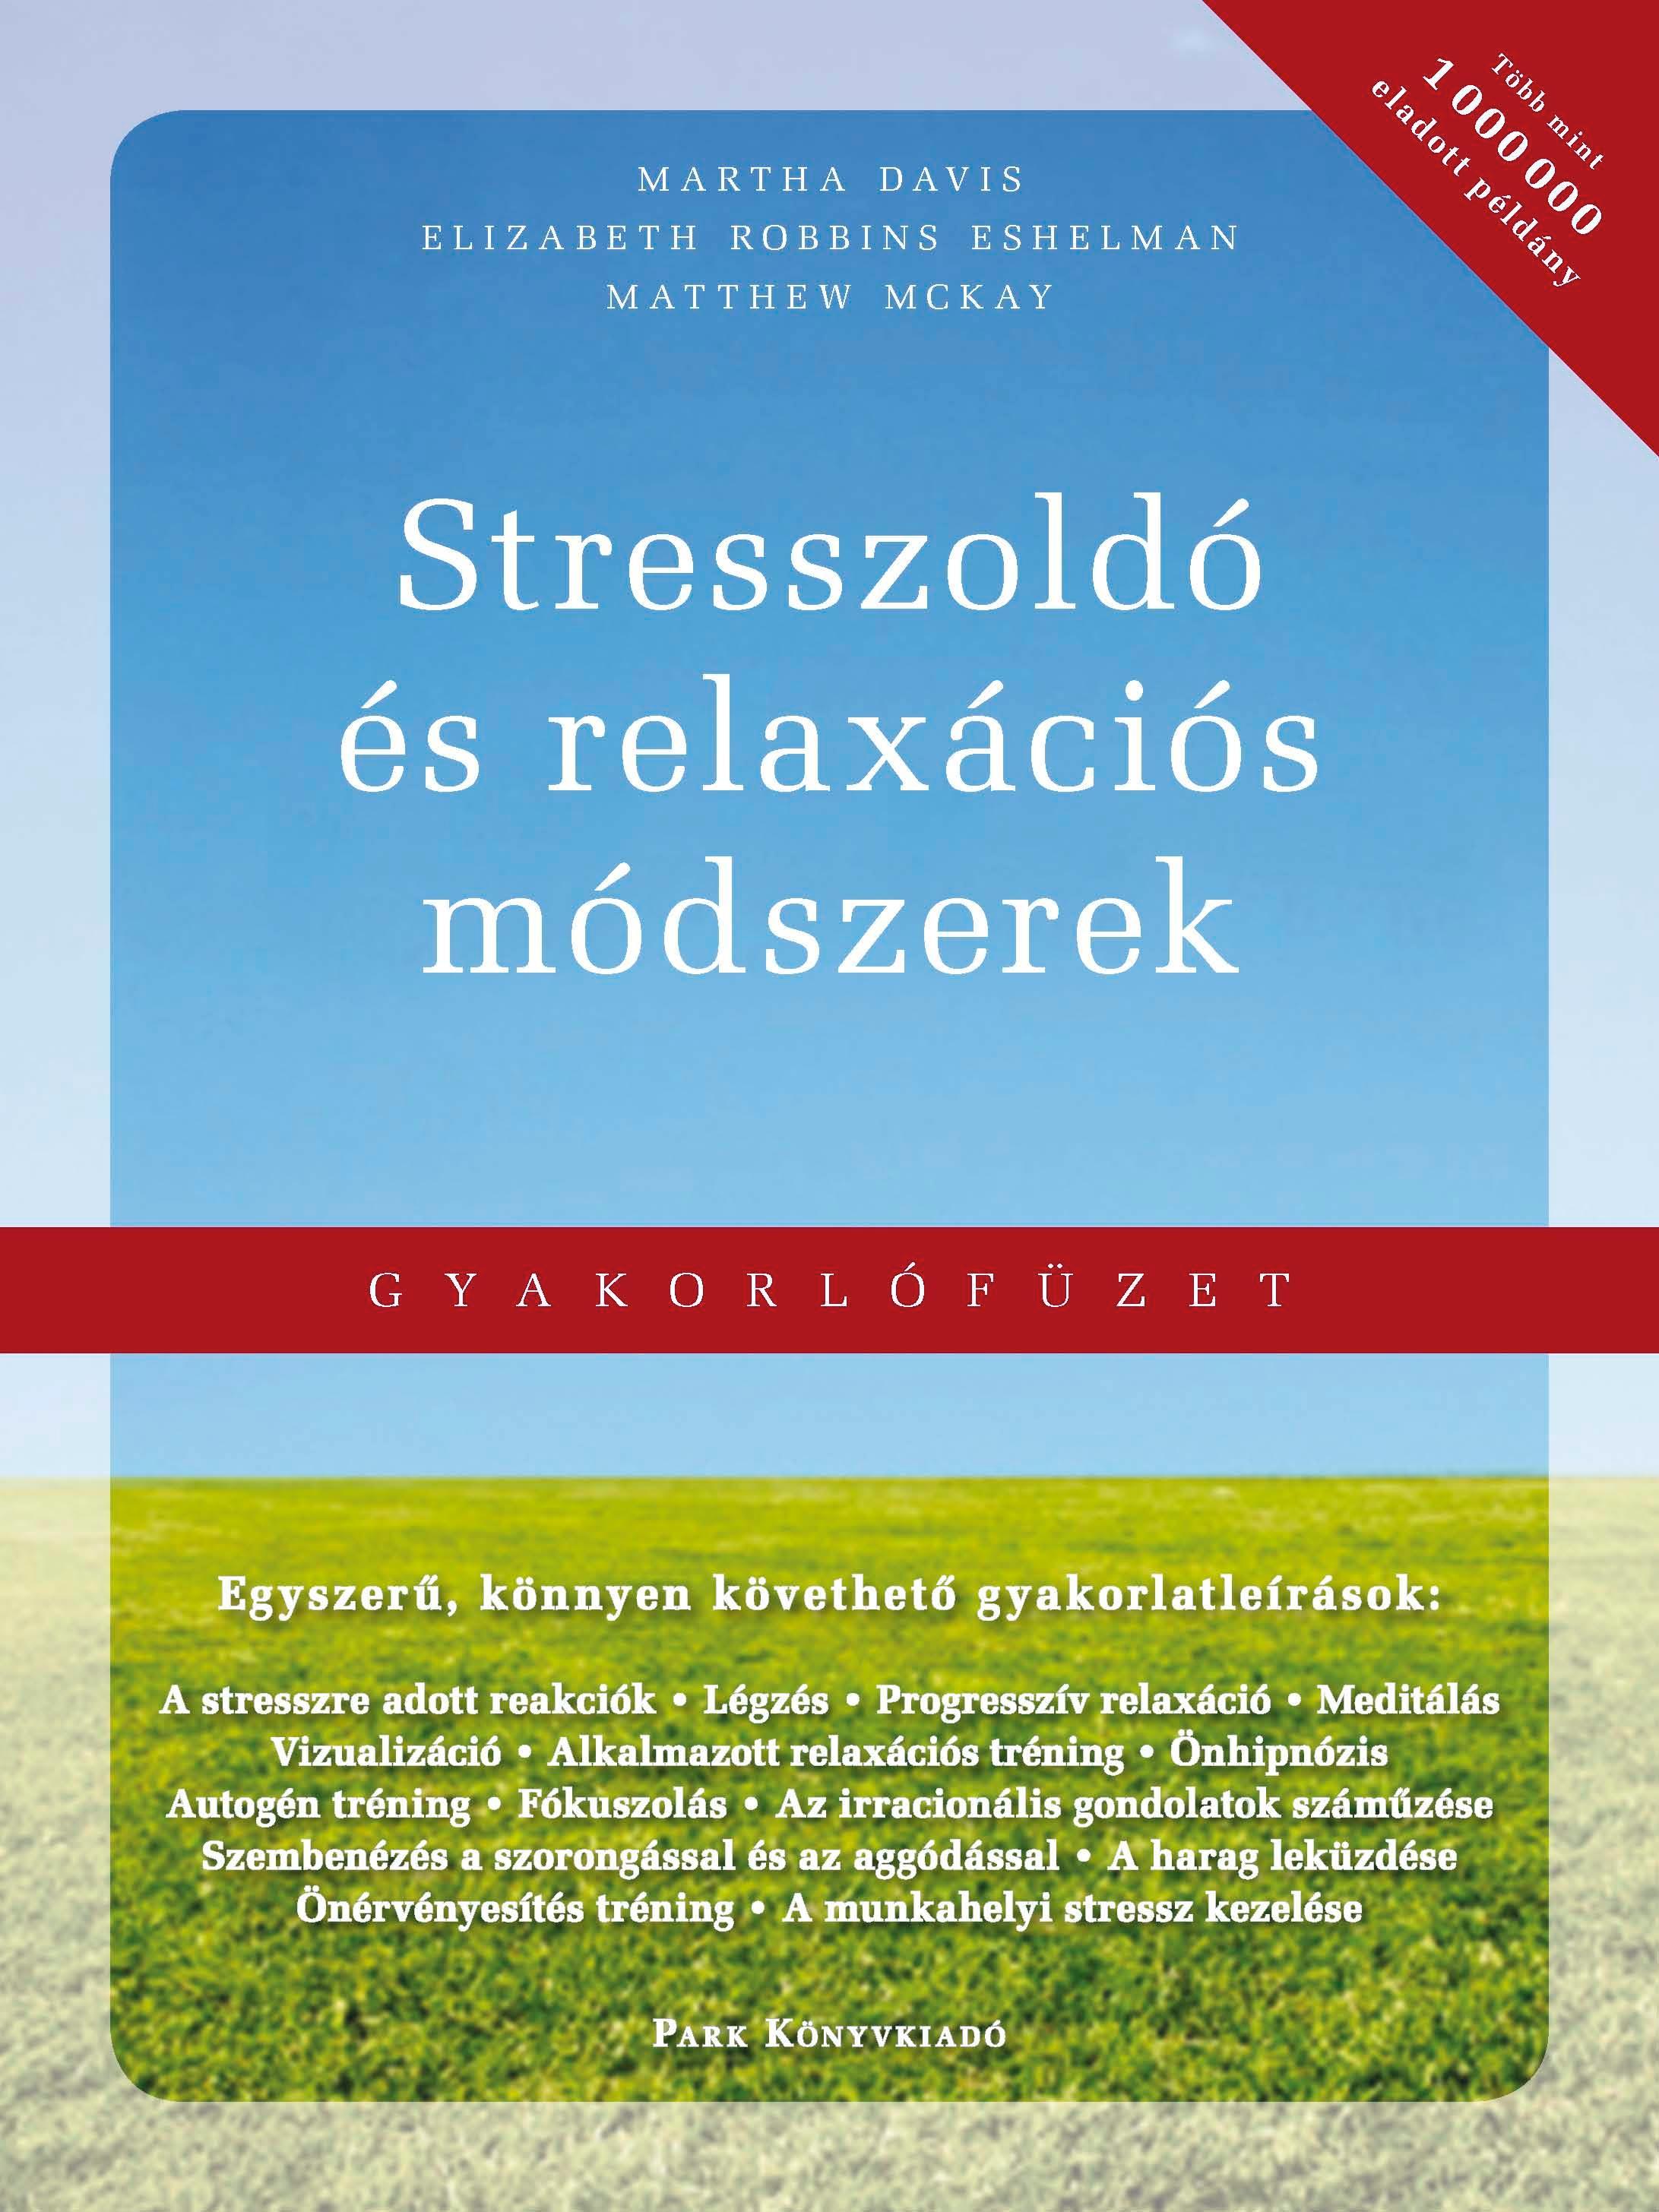 STRESSZOLDÓ ÉS RELAXÁCIÓS MÓDSZEREK - GYAKORLÓFÜZET